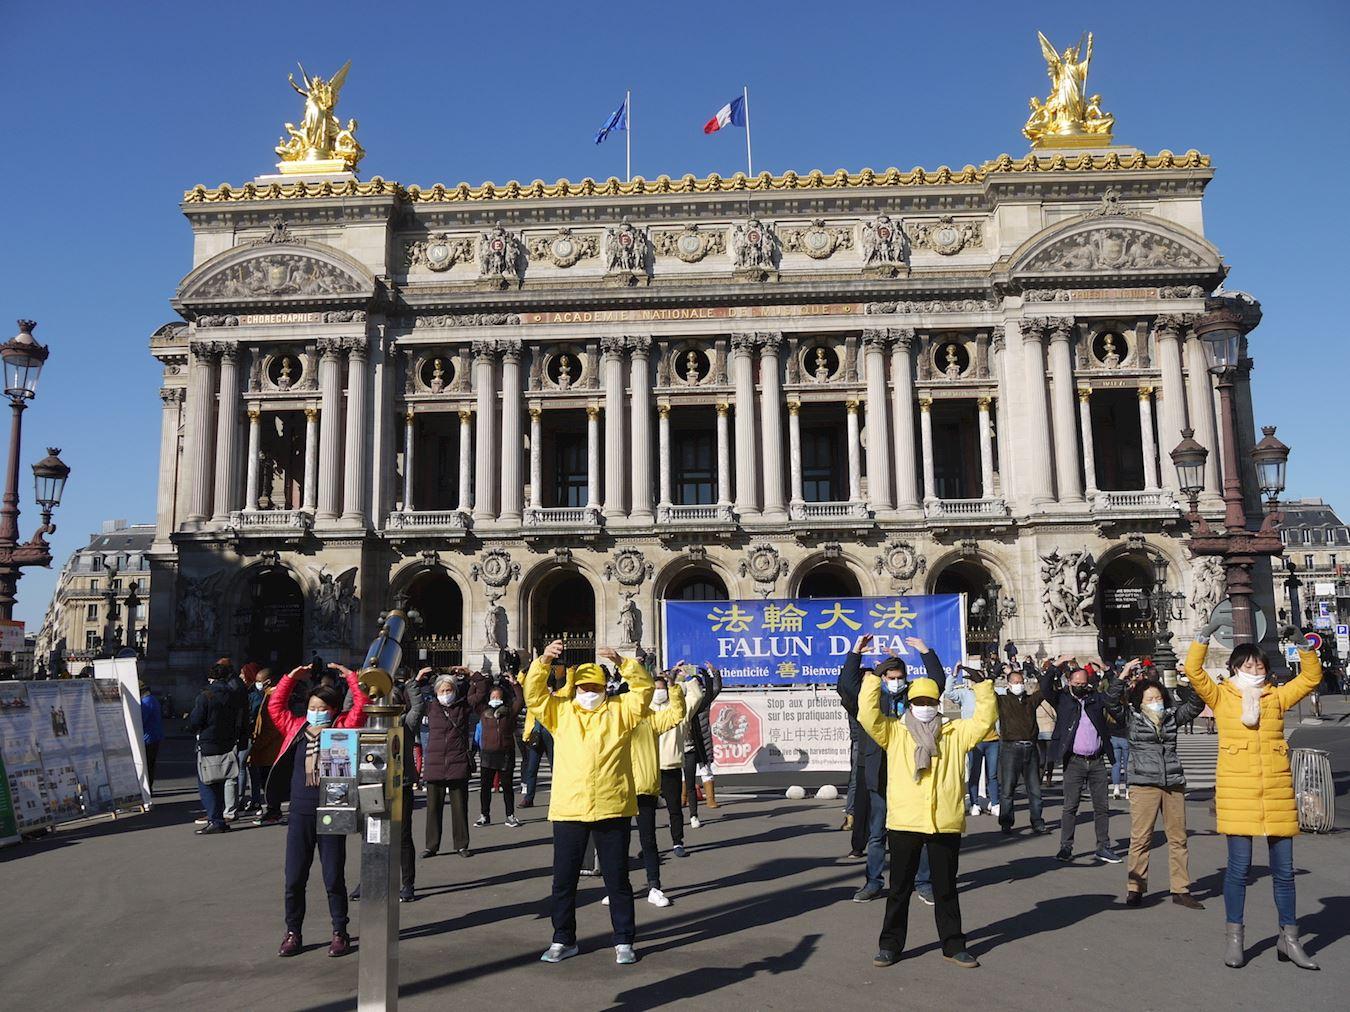 2021年2月28日下午,法輪功學員在巴黎歌劇院廣場舉辦講真相、徵簽活動。圖為法輪功學員演示功法。(明慧網)